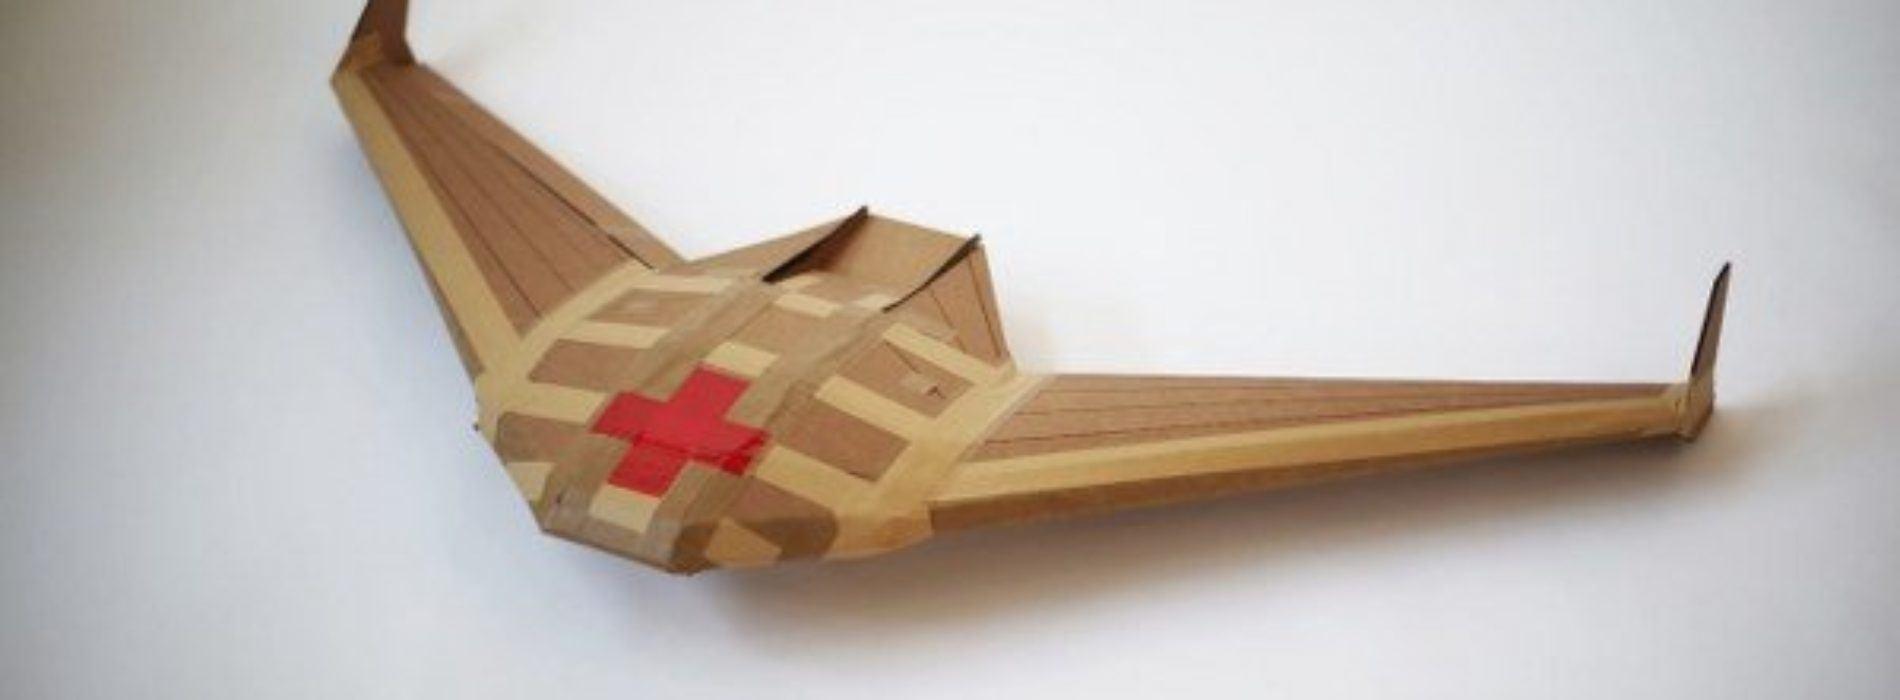 El nuevo proyecto de DARPA es un drone de cartón